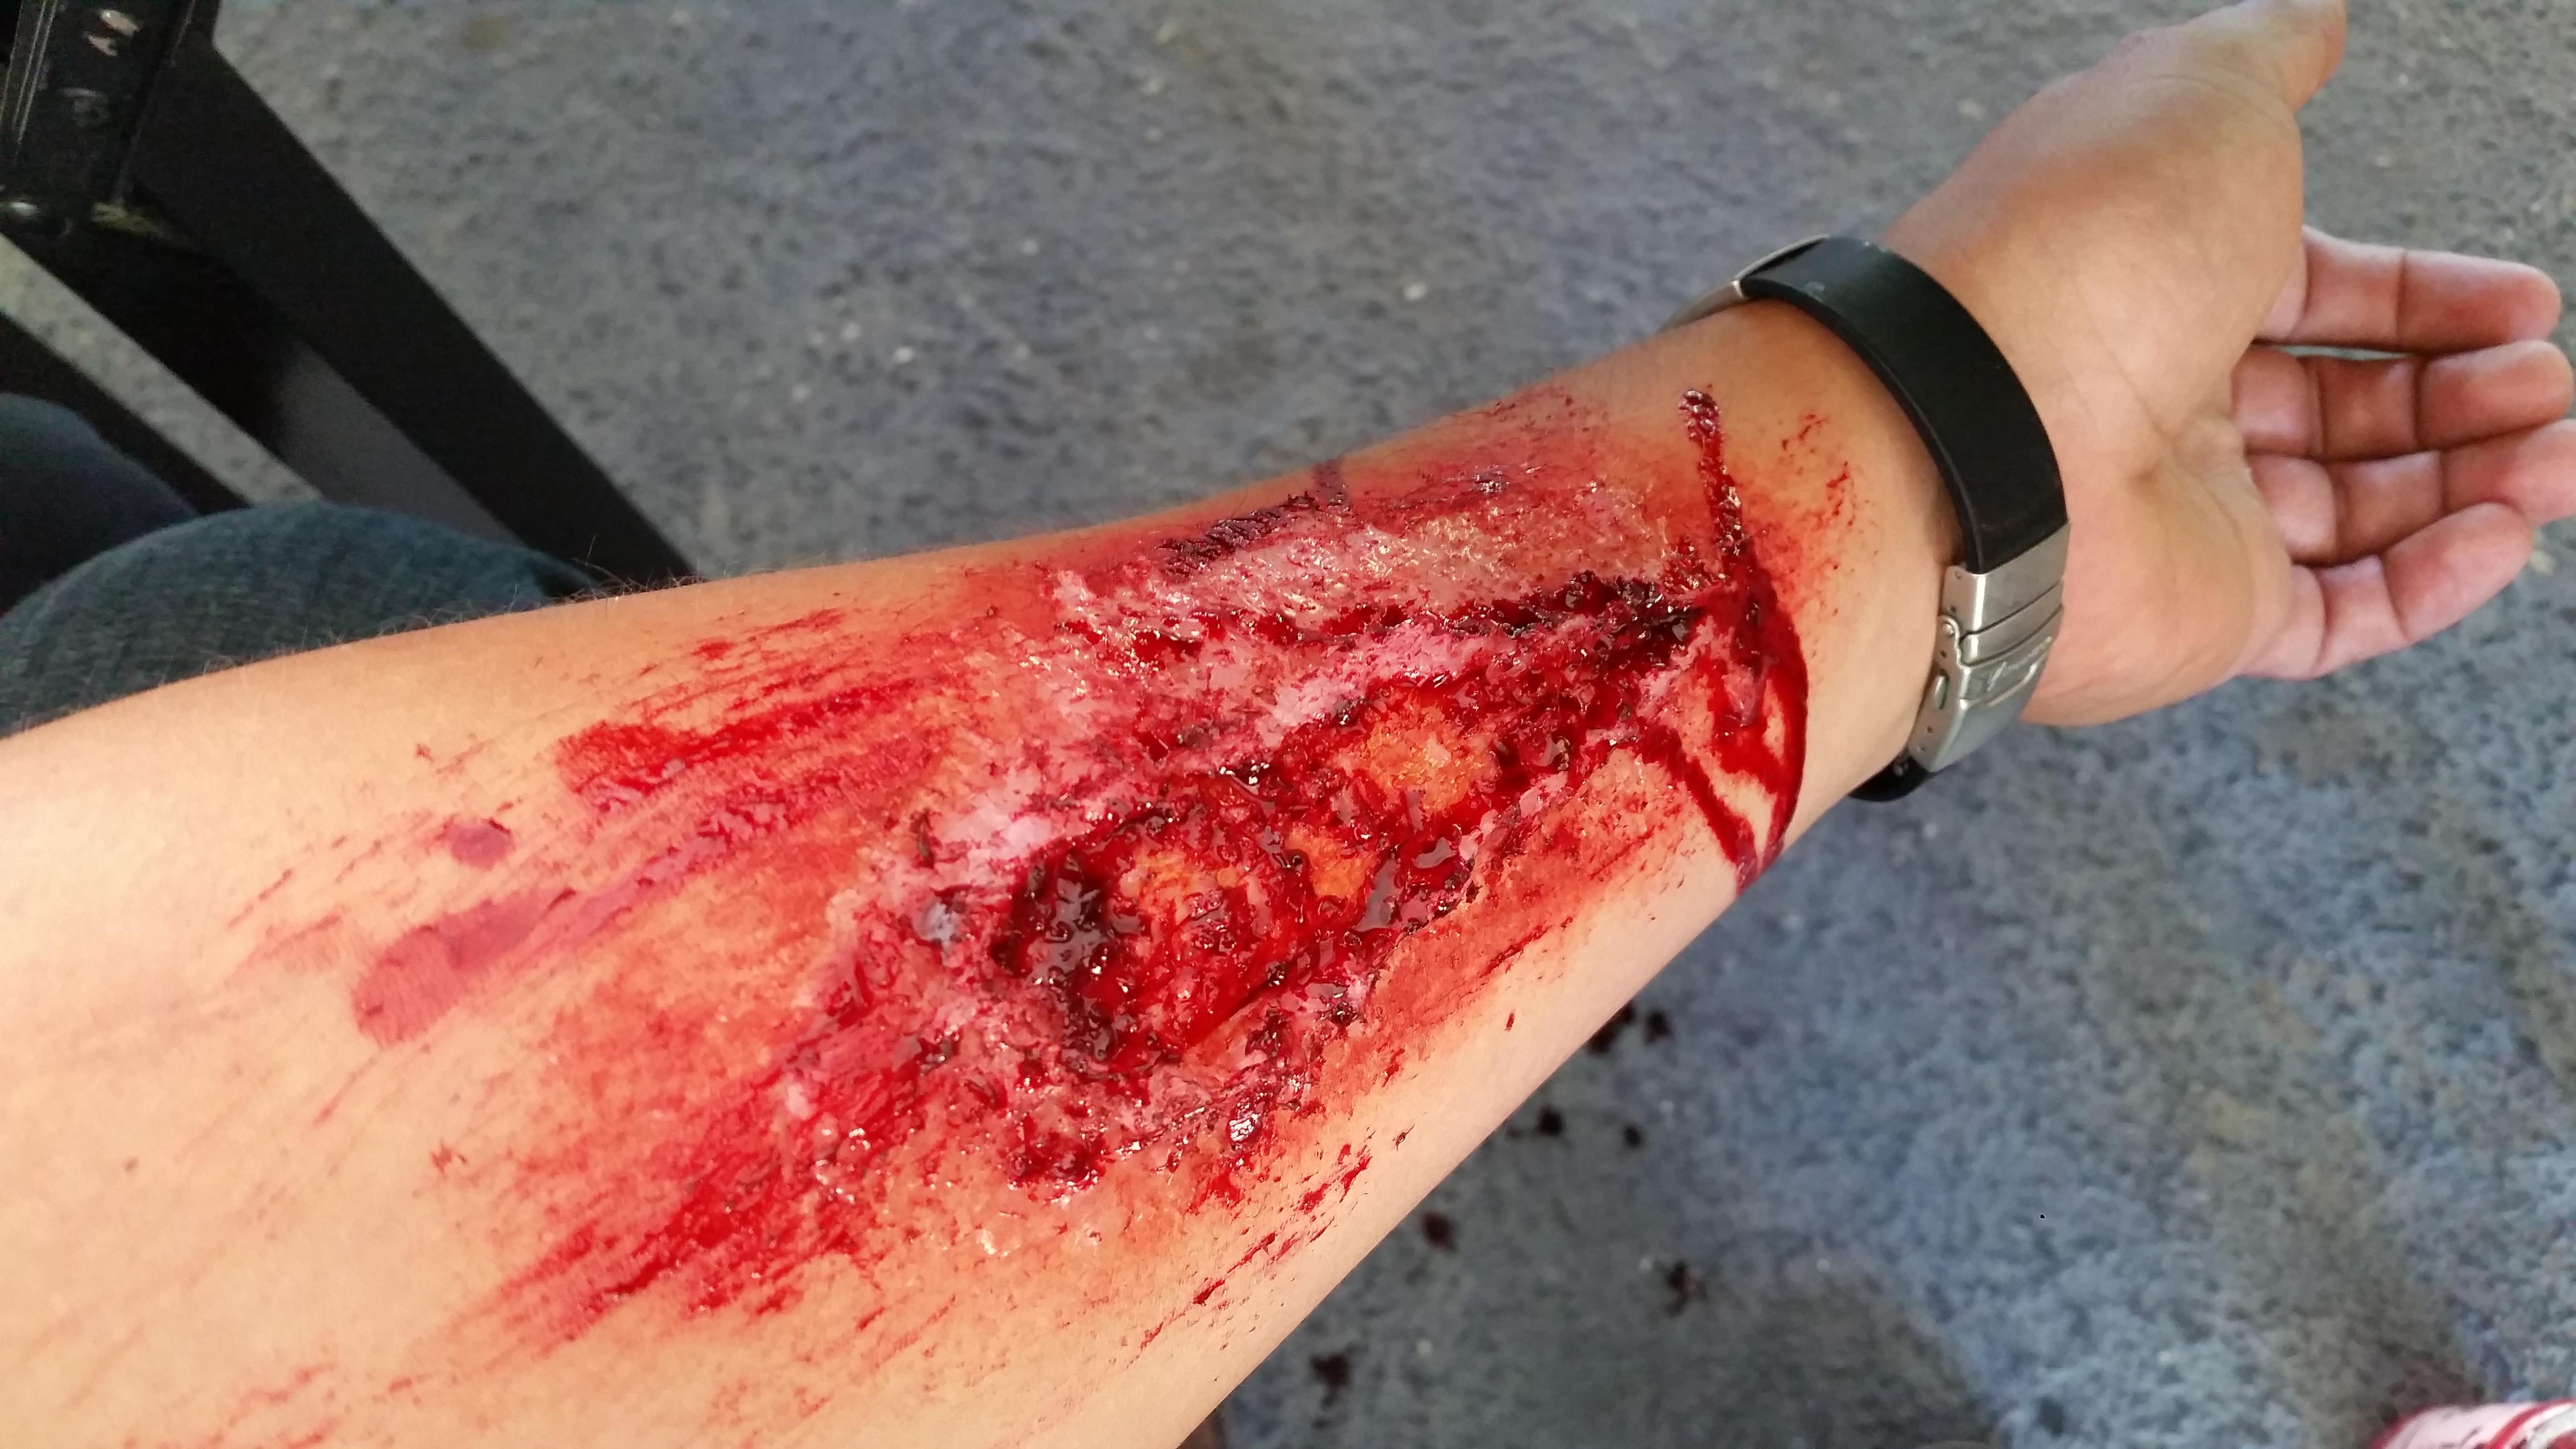 Arm Wound